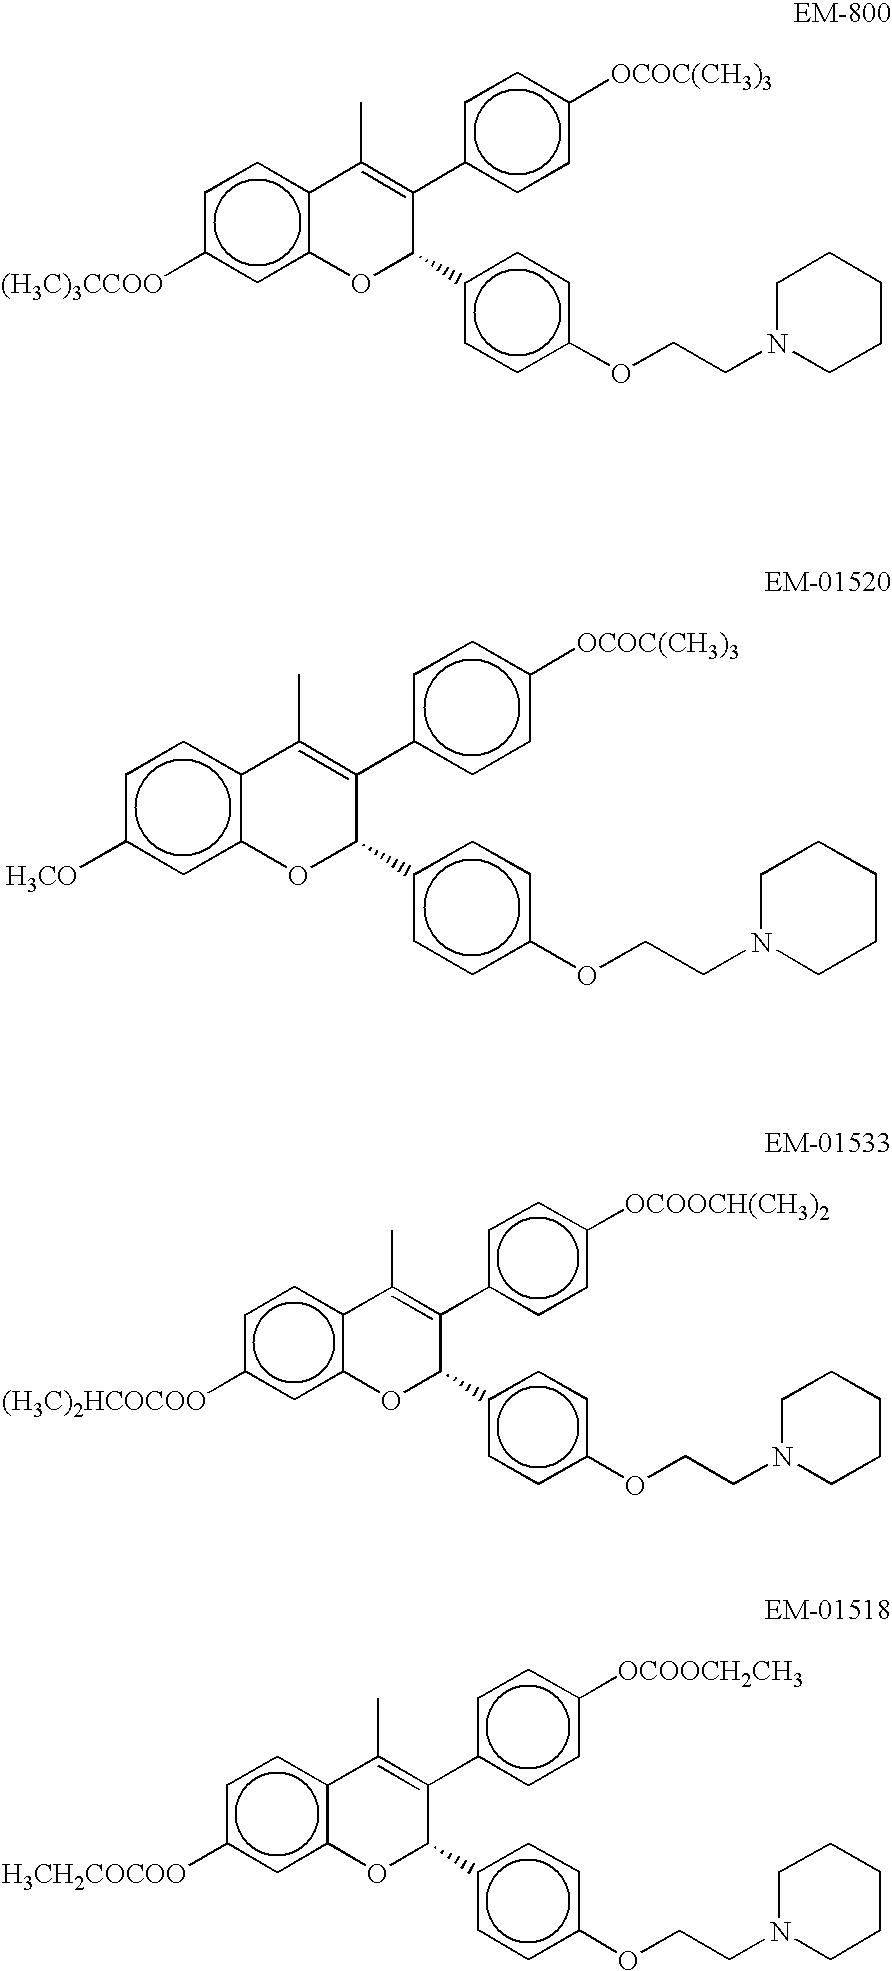 Figure US20040157812A1-20040812-C00014